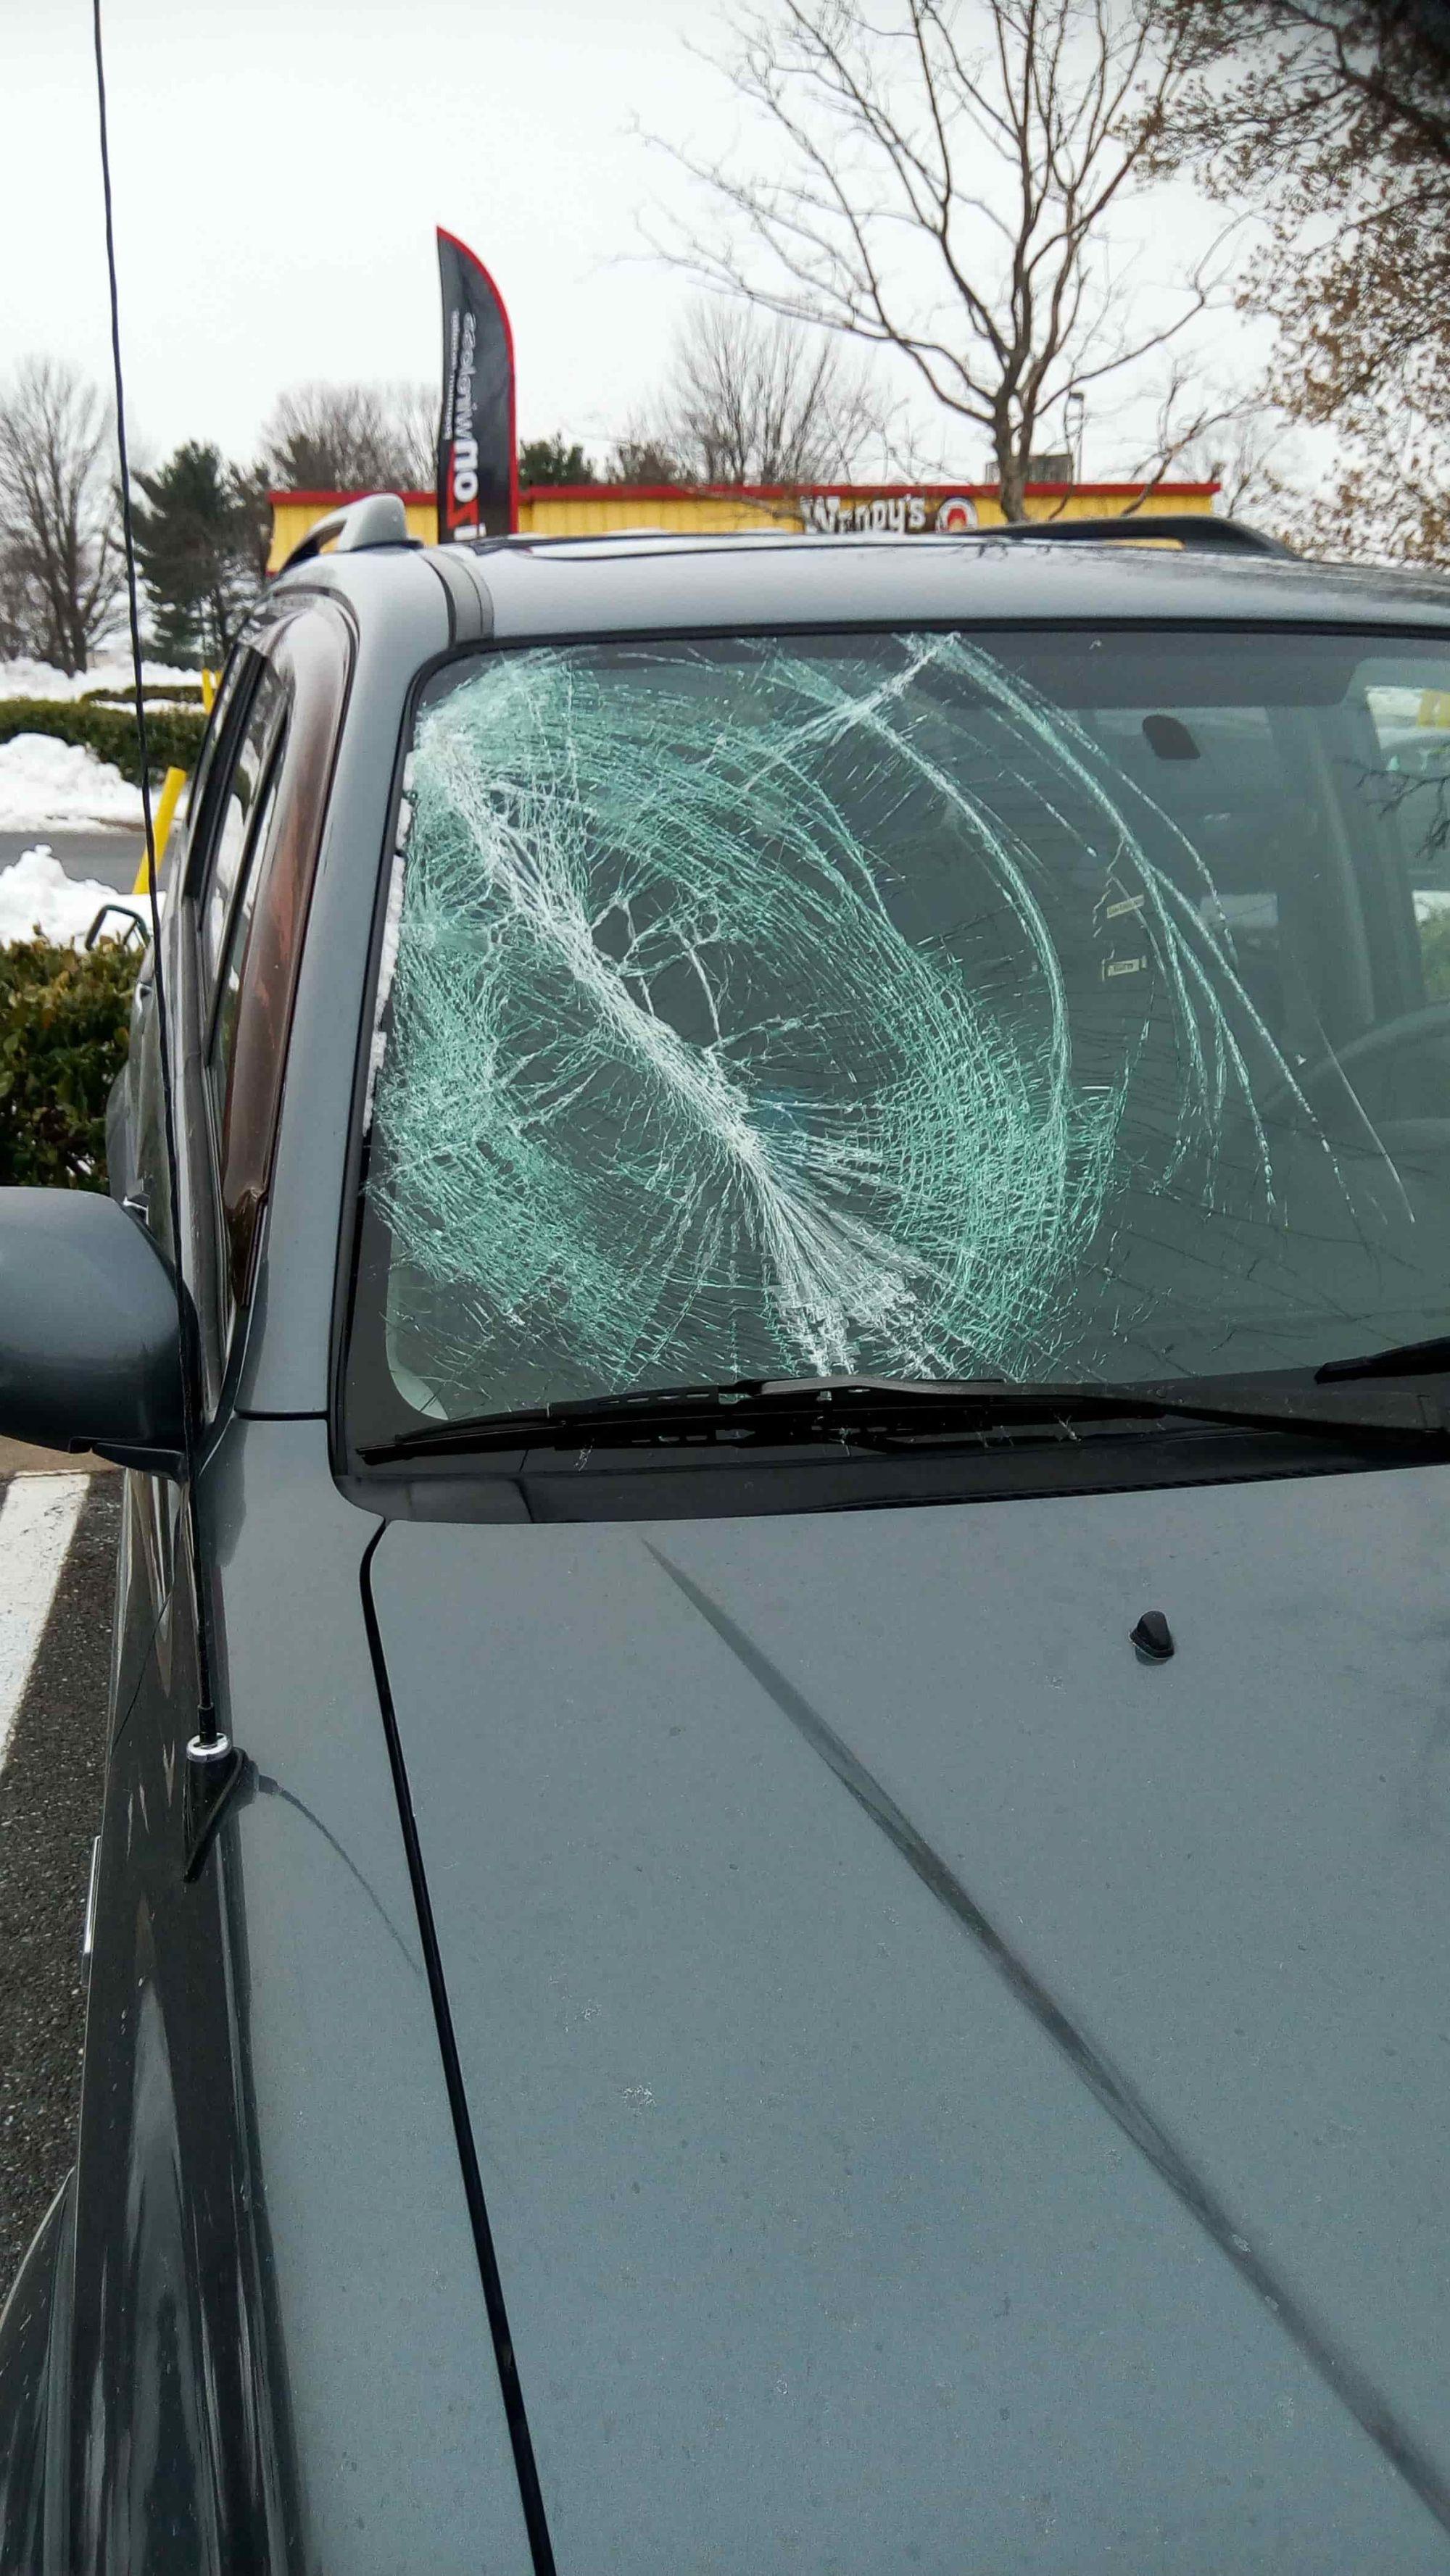 hight resolution of 2013 suzuki grand vitara windshield 2004 suzuki xl 7 windshield